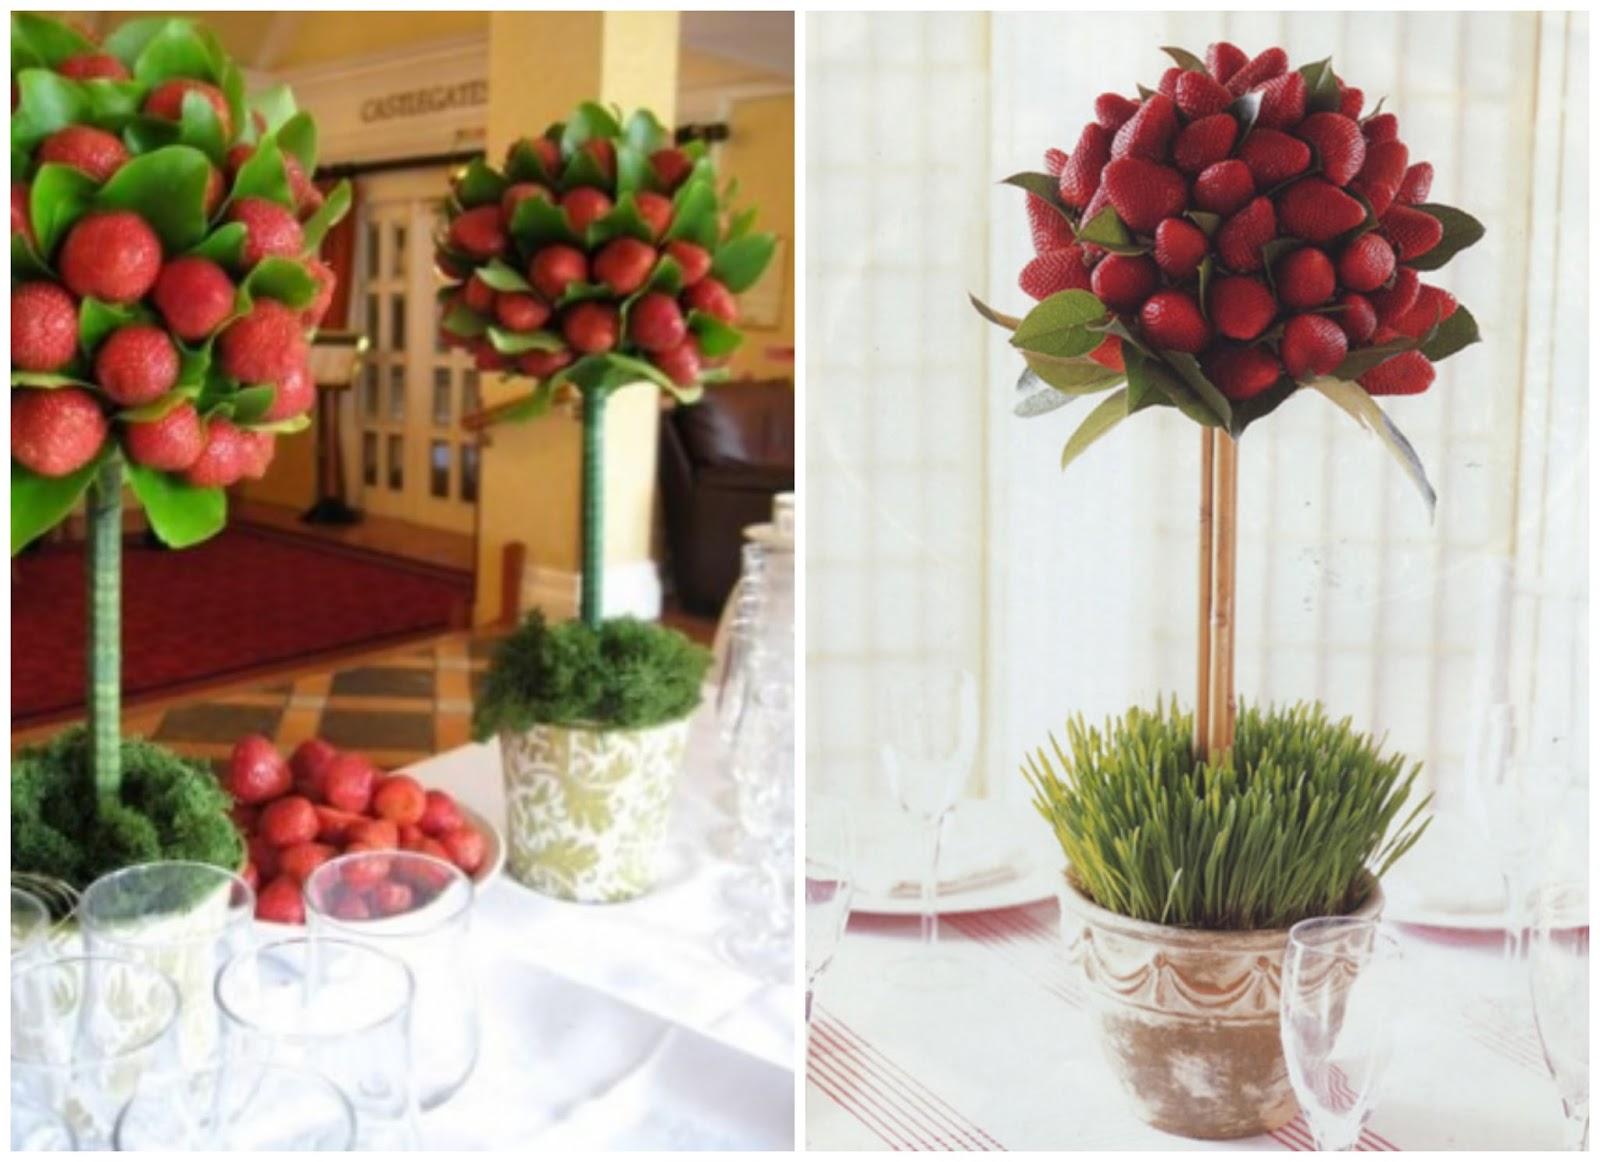 Decoraci n de mesas con fresas - Frutas artificiales para decoracion ...